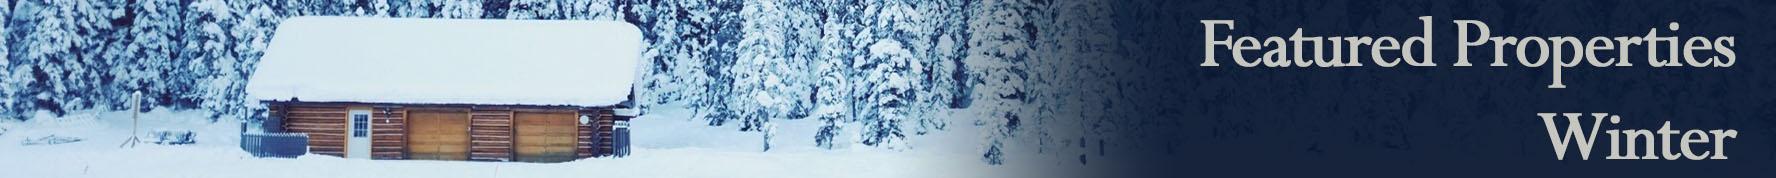 Featured Properties - Winter